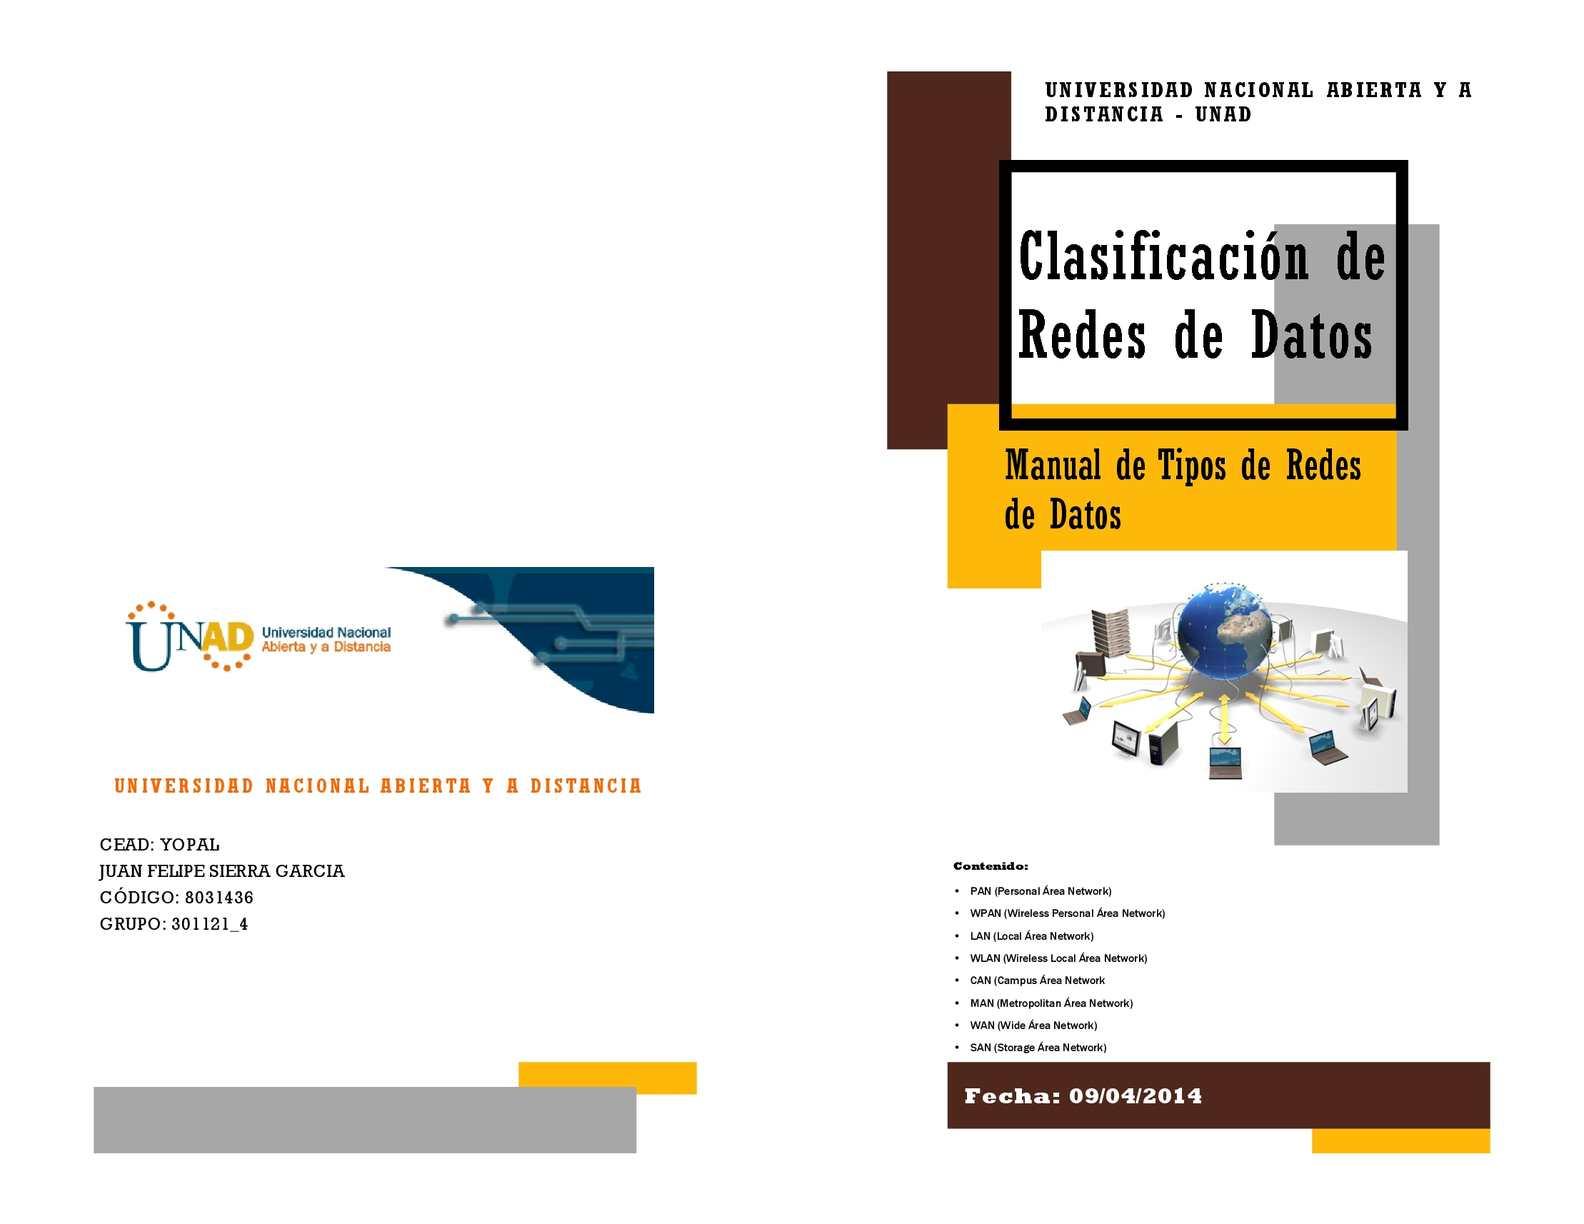 Calaméo - Clasificación de Redes